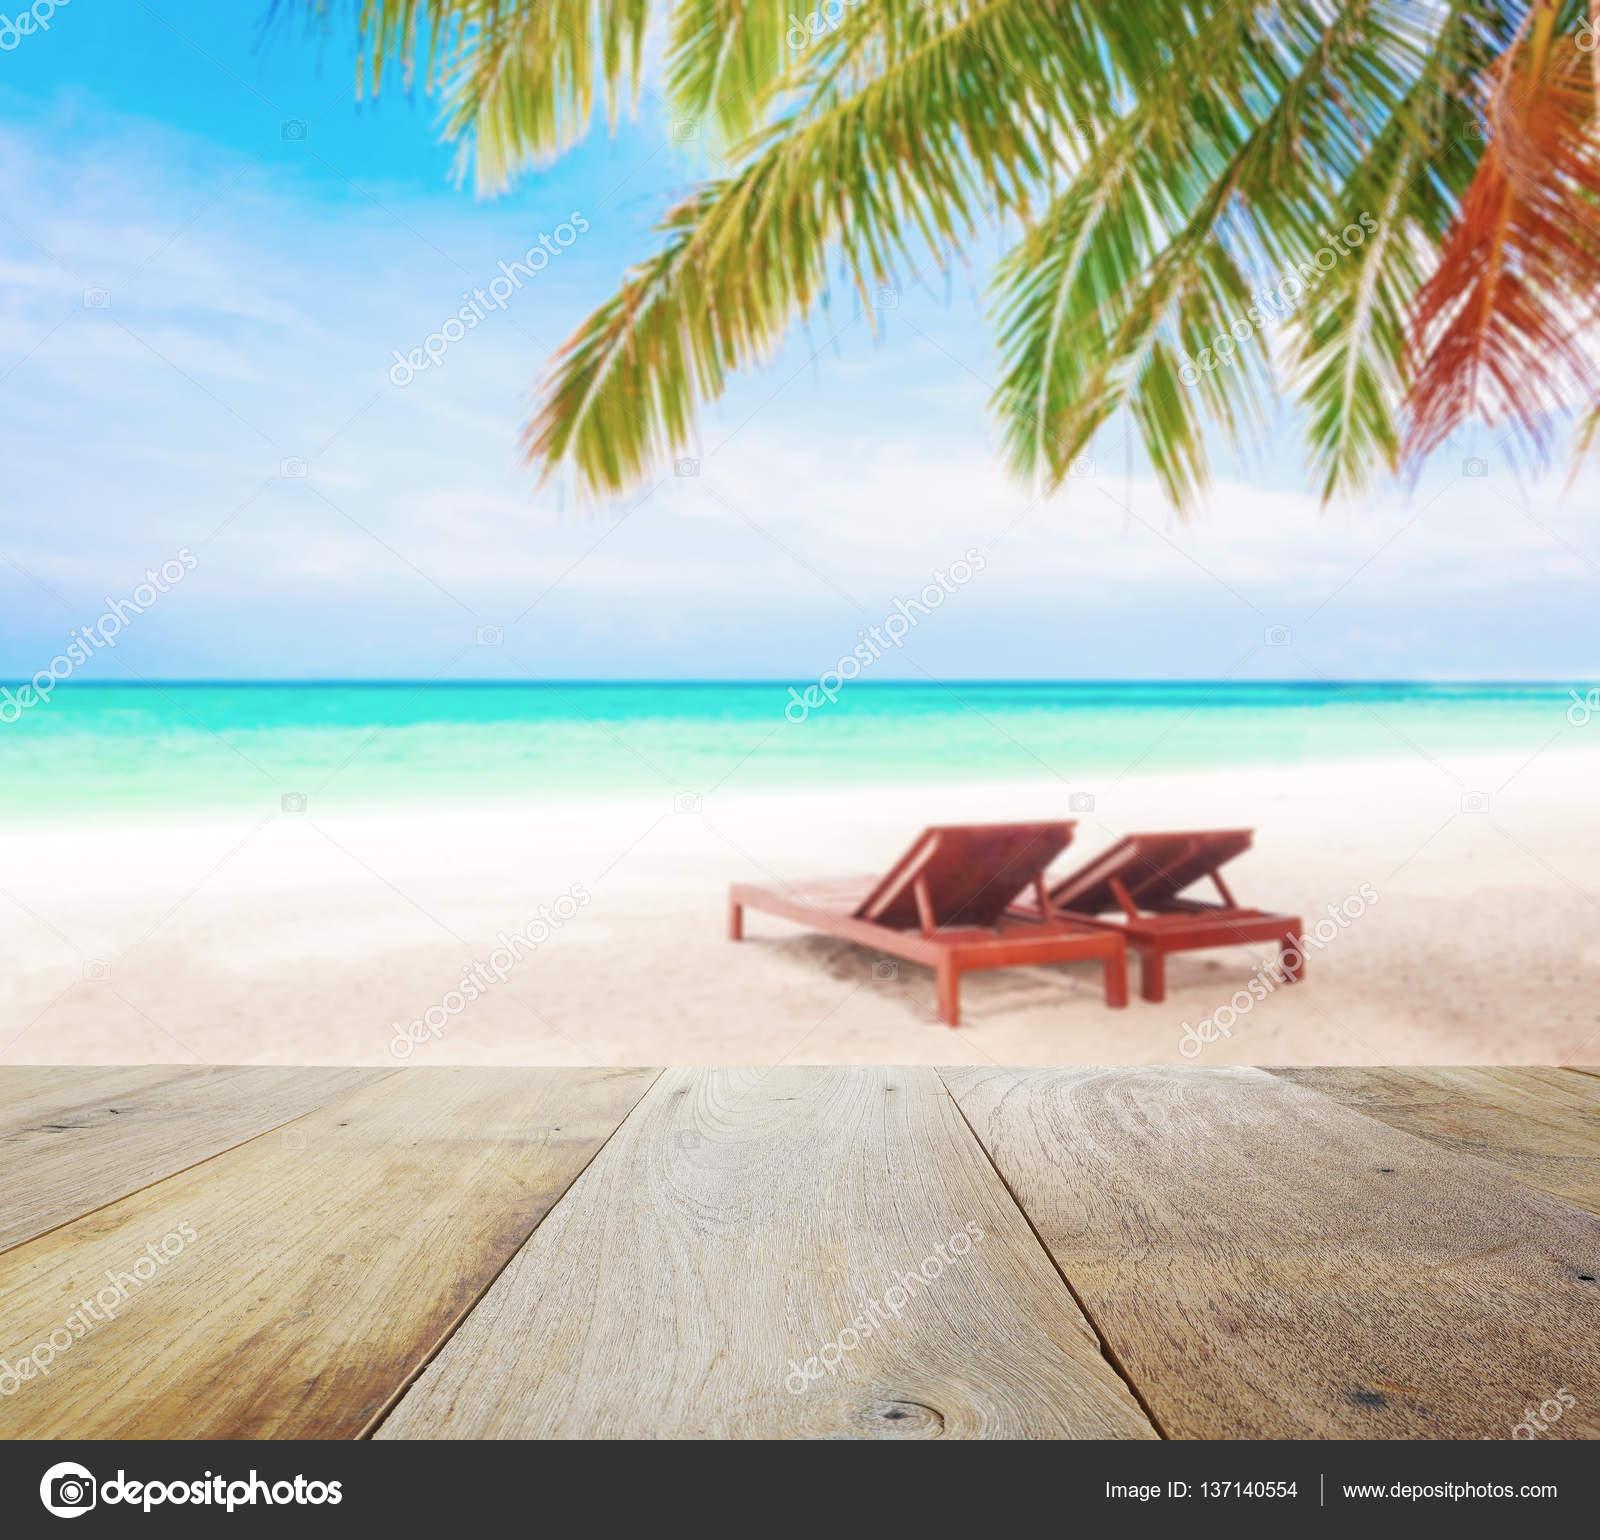 Madera mesa de desenfoque de fondo de la playa con sillas - Silla para la playa ...